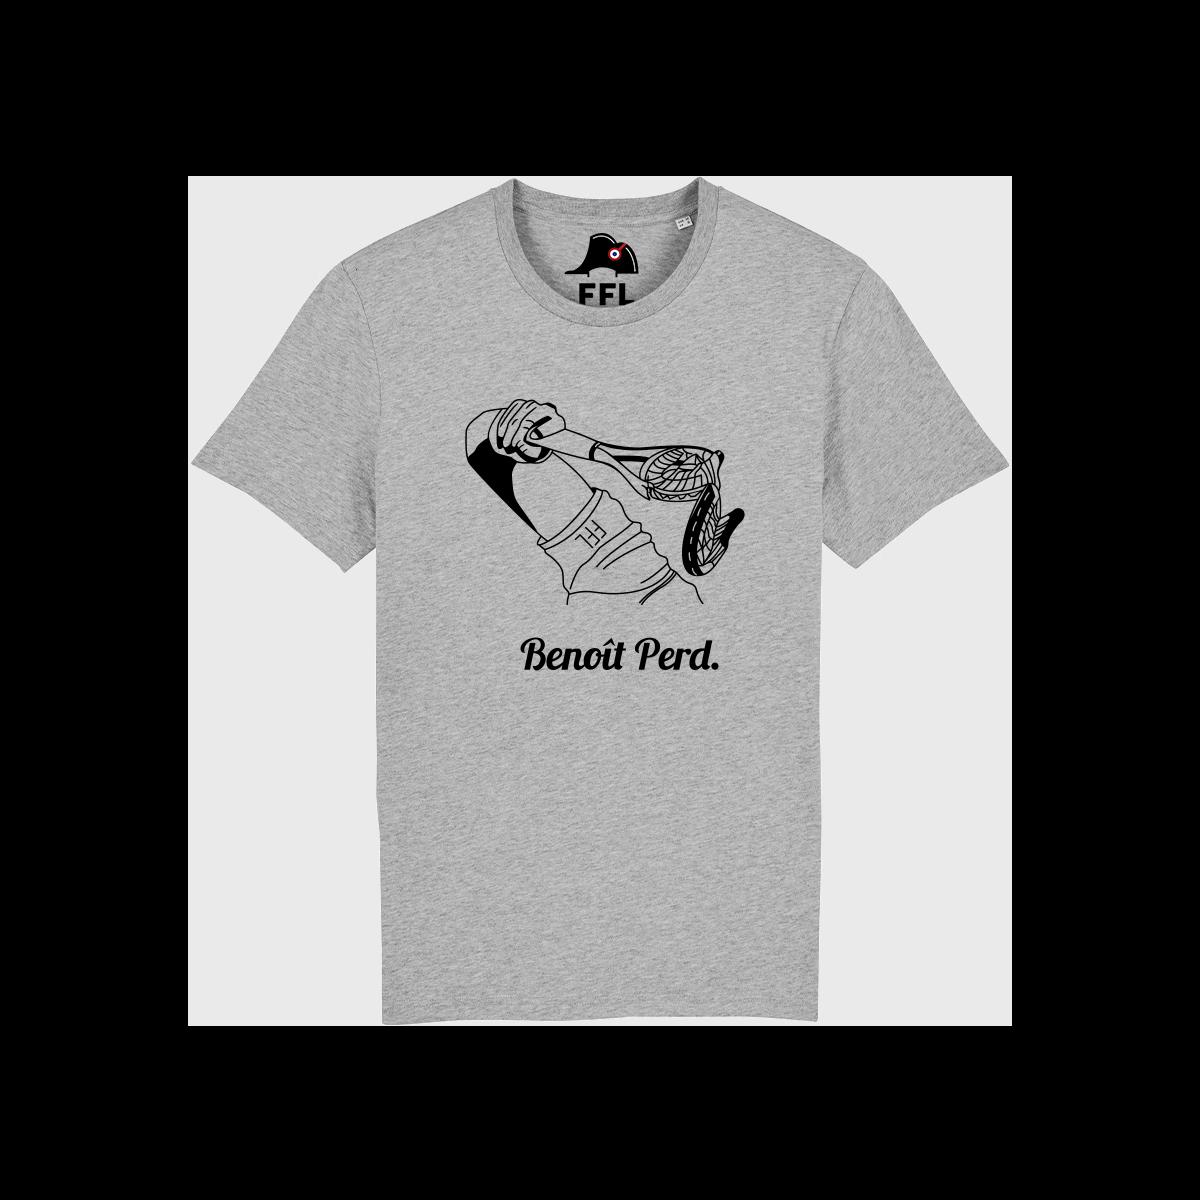 T-shirt FFL benoît perd